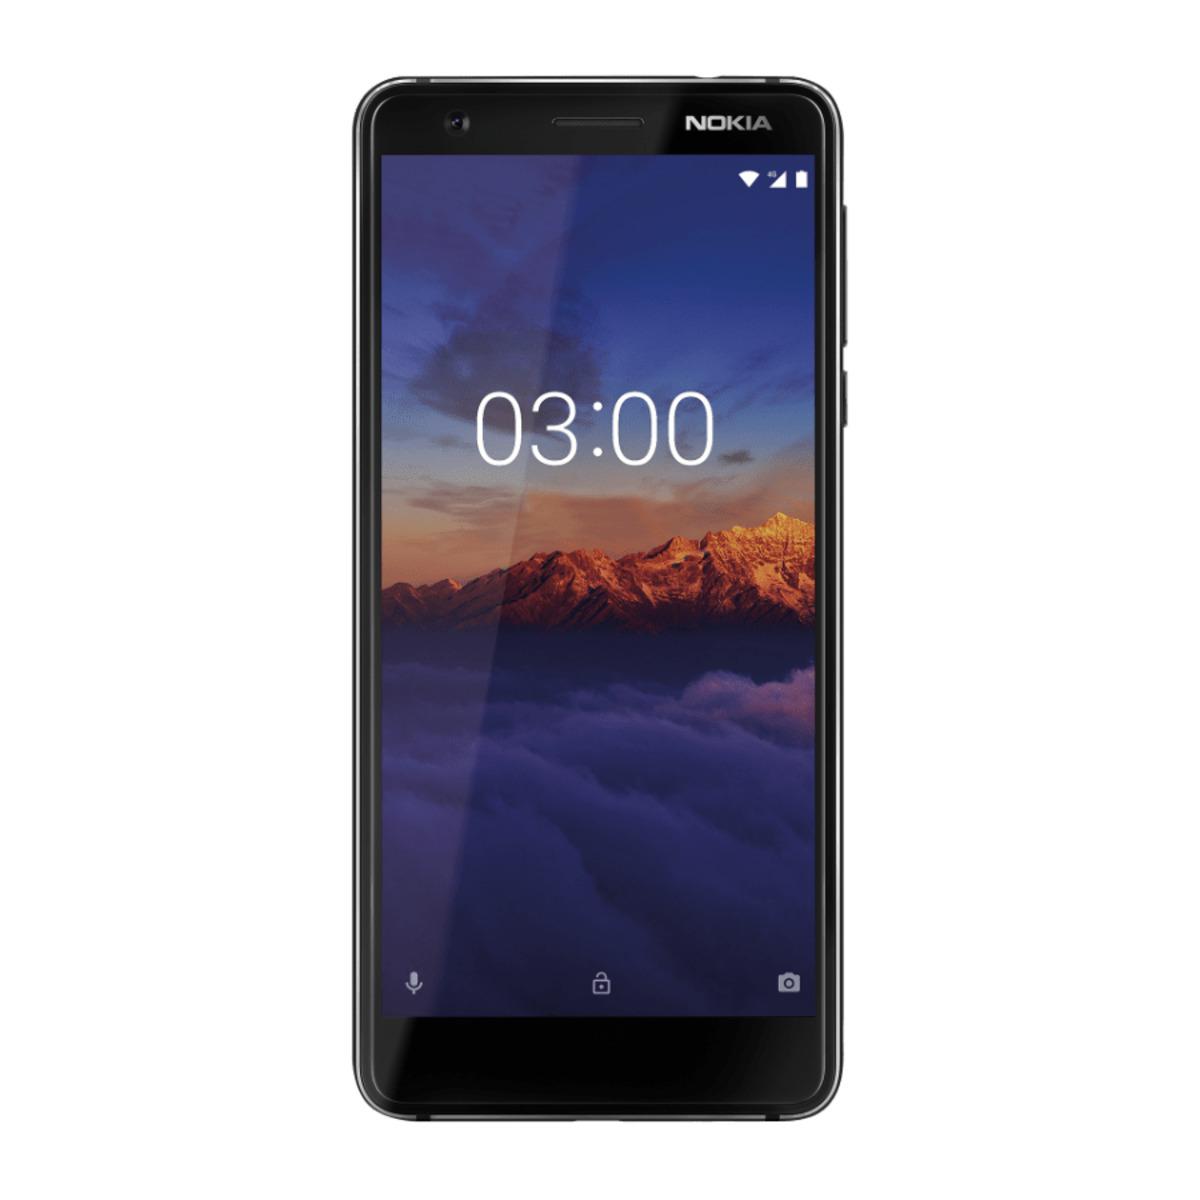 Bild 2 von Nokia 3.1 (2018) Smartphone